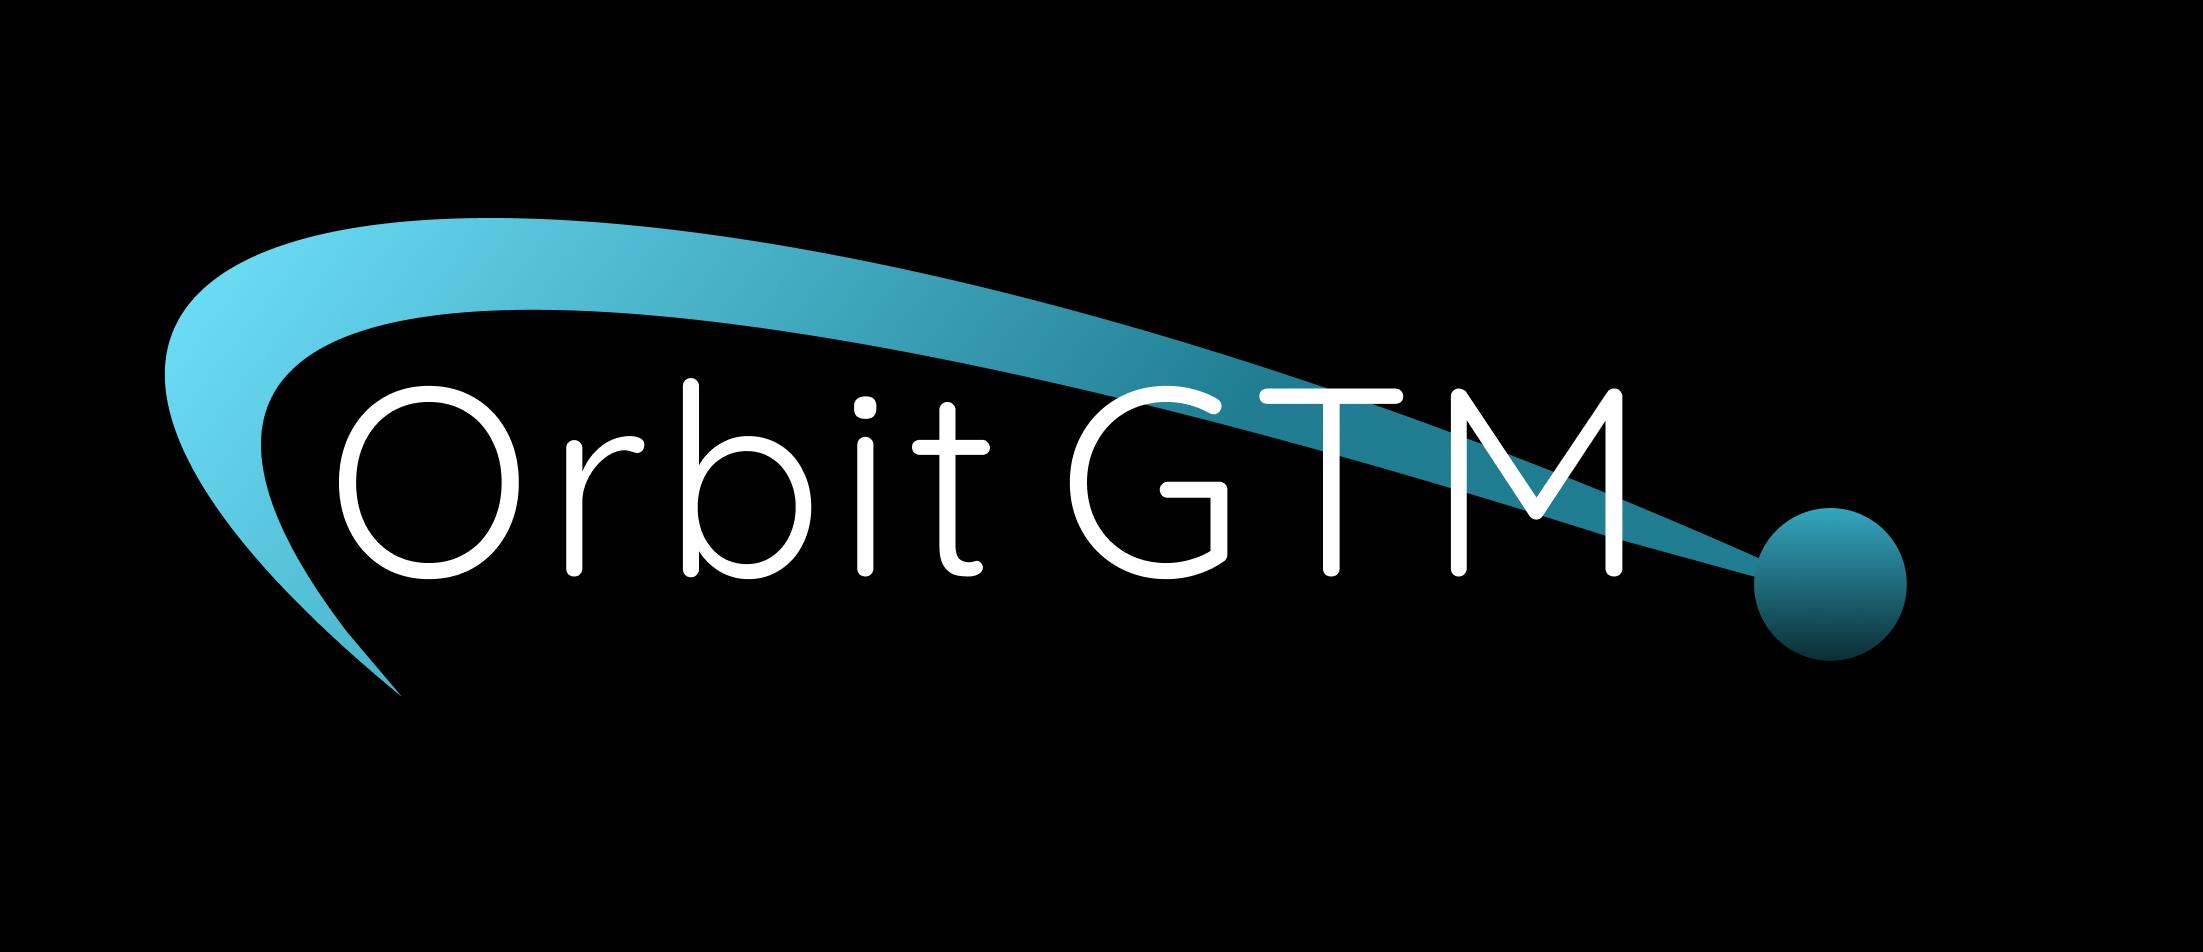 OrbitGTM Review